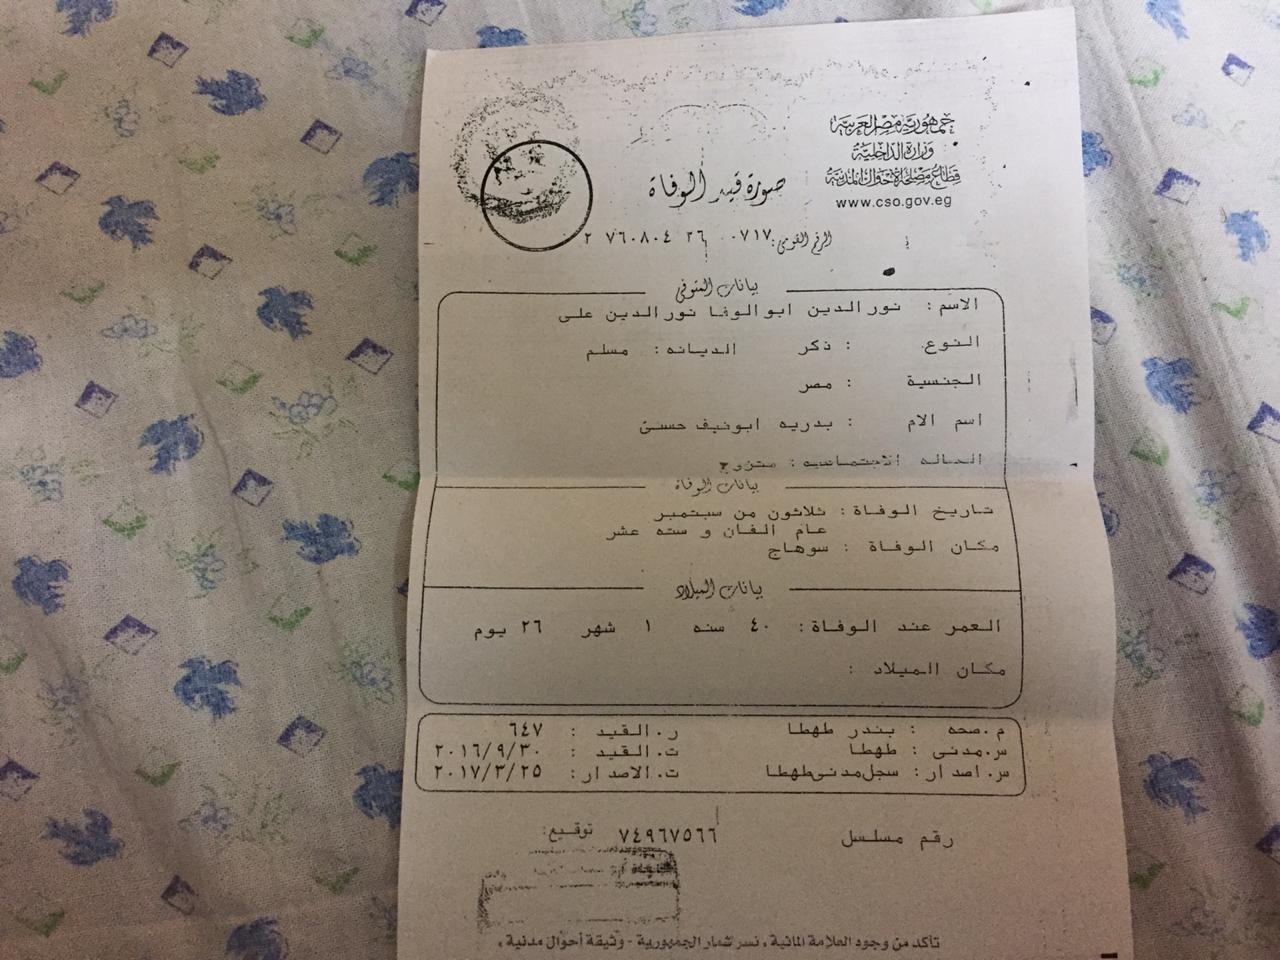 أرملة بسوهاج تعول طفلين ومديونة بسبب العلاج  (7)